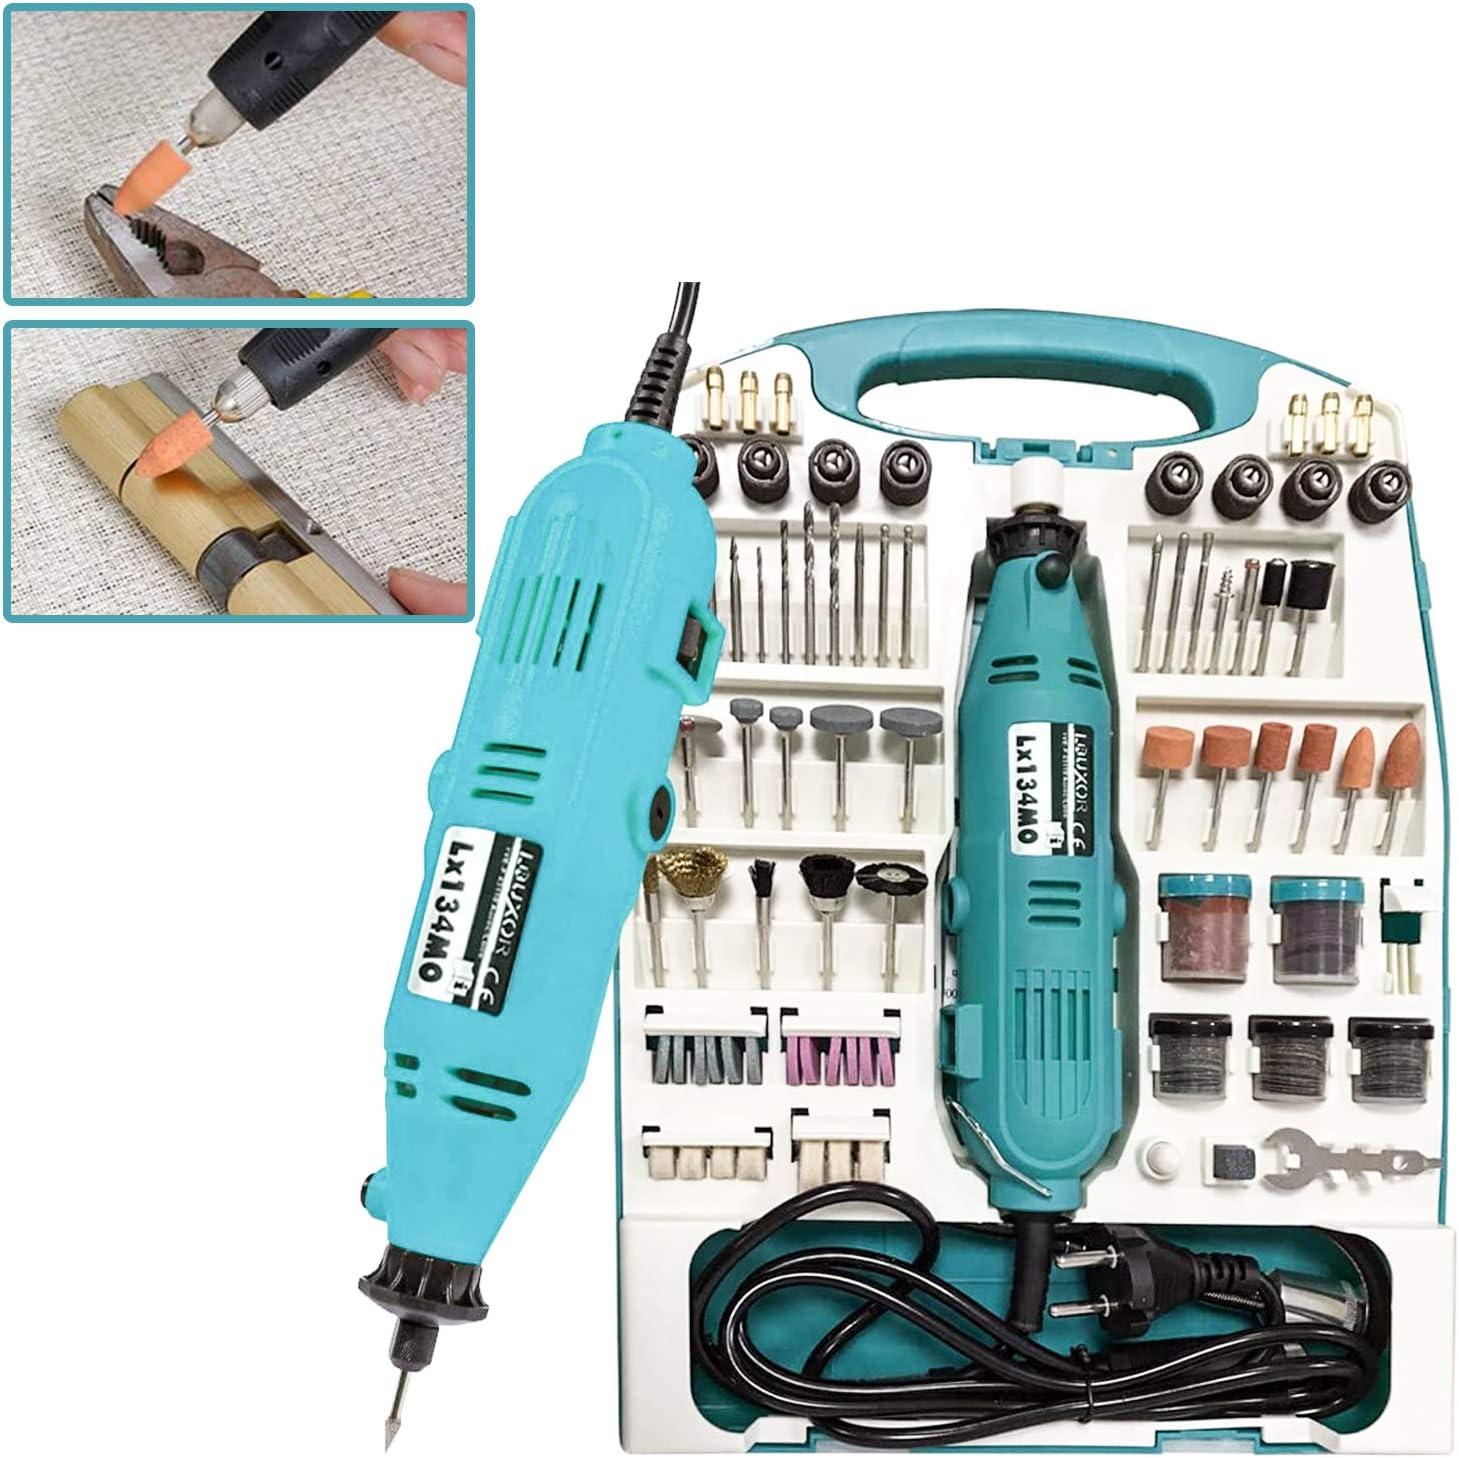 Hengda Mini-Multifunktionswerkzeug Set 226-tlg Schleifer-Set Schleifermachine f/ür Hand und Heimwerker